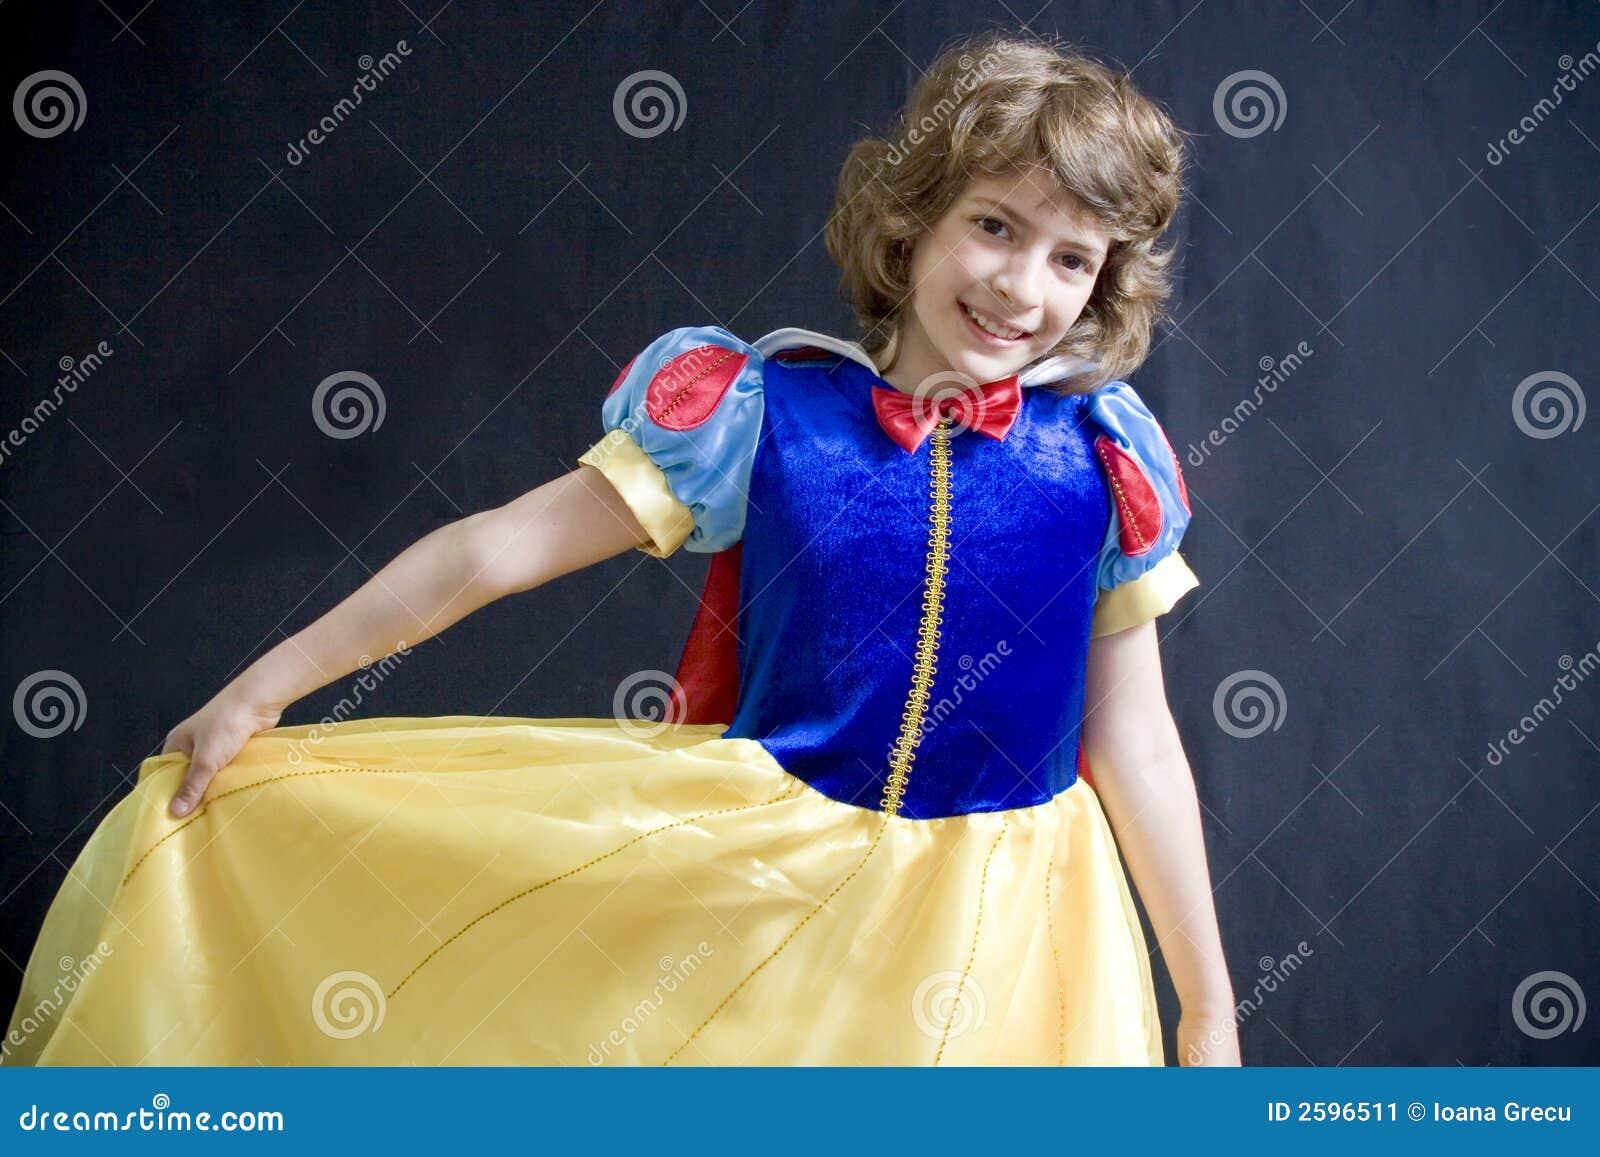 Tańcząca dziewczyna trochę